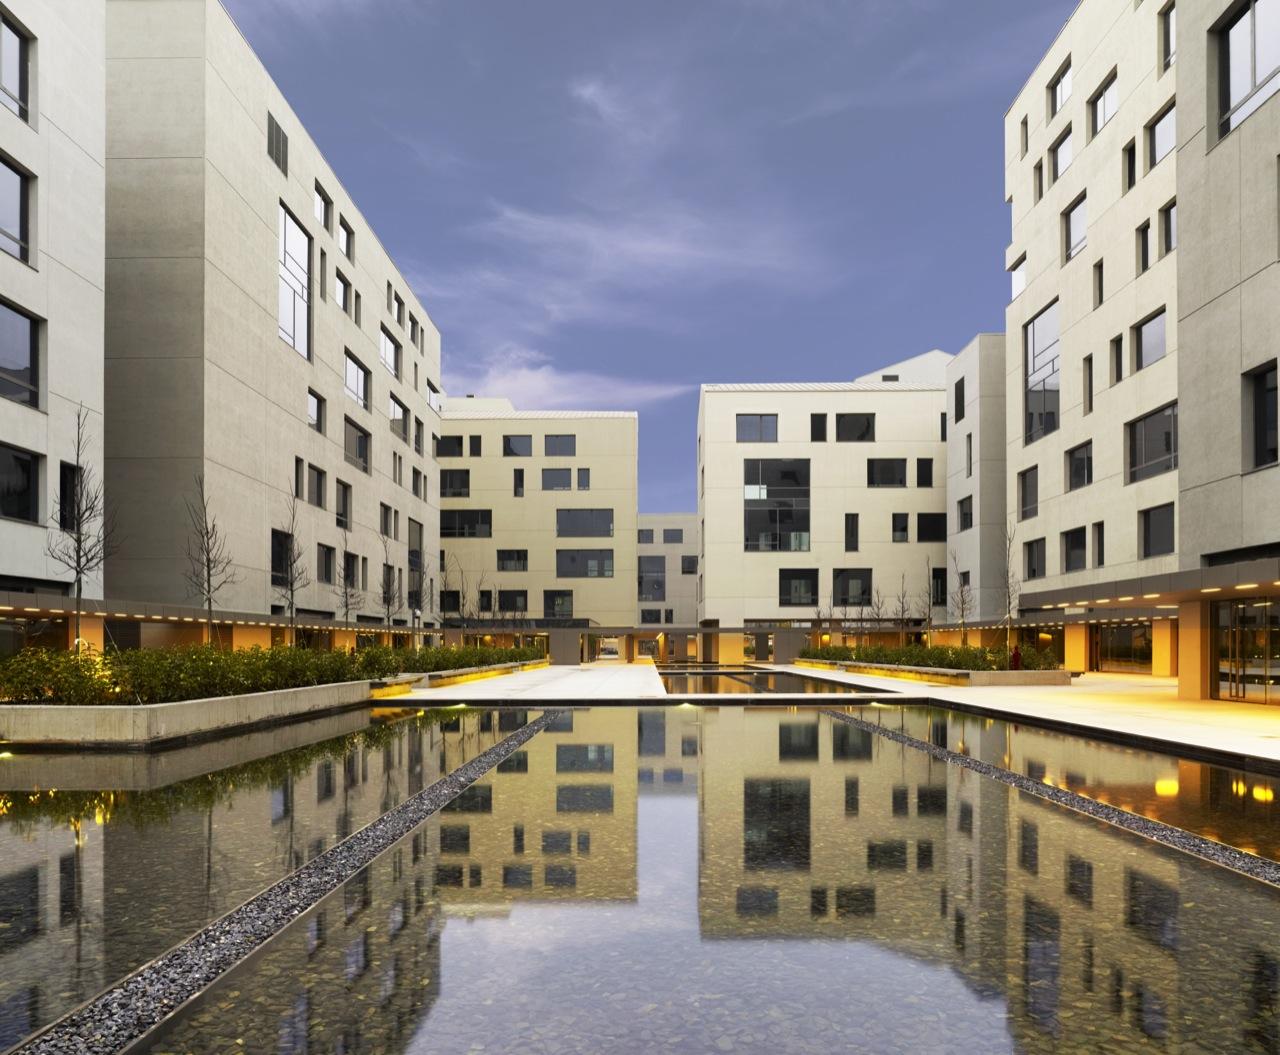 Tekfen Kagithane Ofispark / Emre Arolat Architects, © Cortesia de Emre Arolat Architects